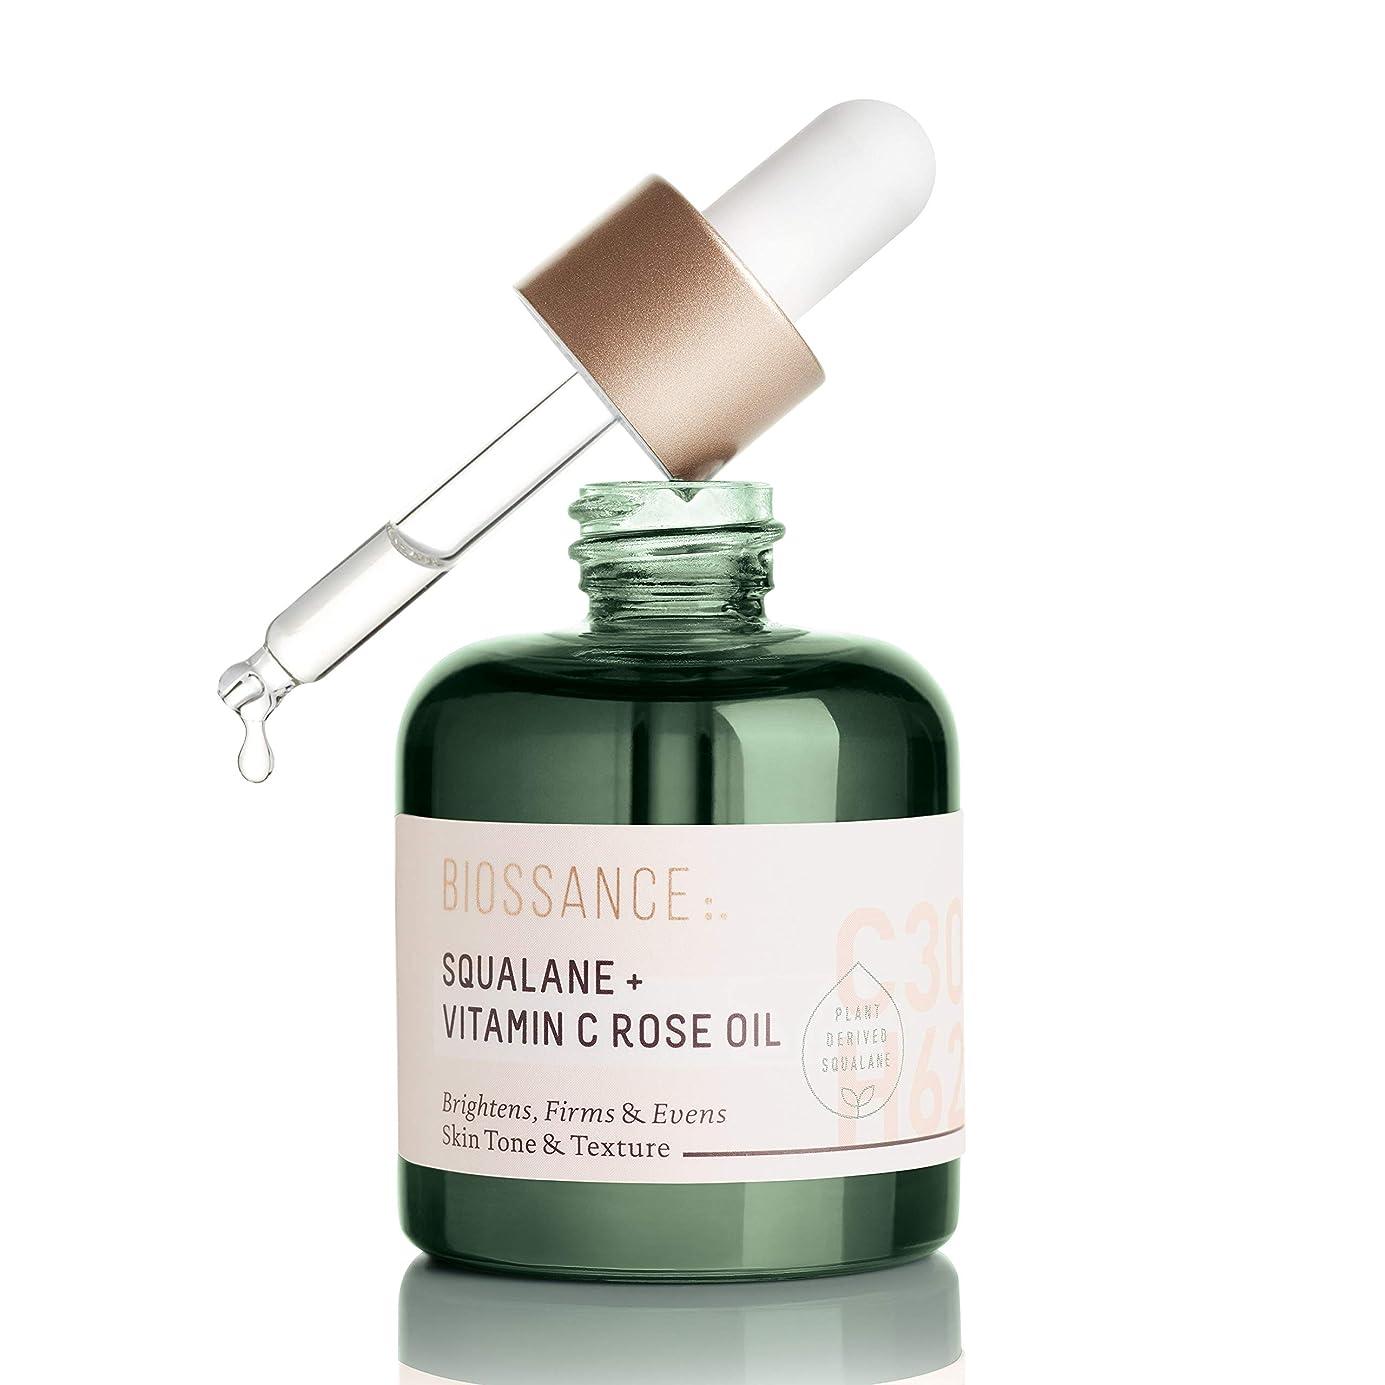 カレンダーシャッフル捧げるBIOSSANCE SQUALANE + VITAMIN C ROSE OIL 1oz/30mL ビオッサンス スクワラン+ビタミンCローズオイル